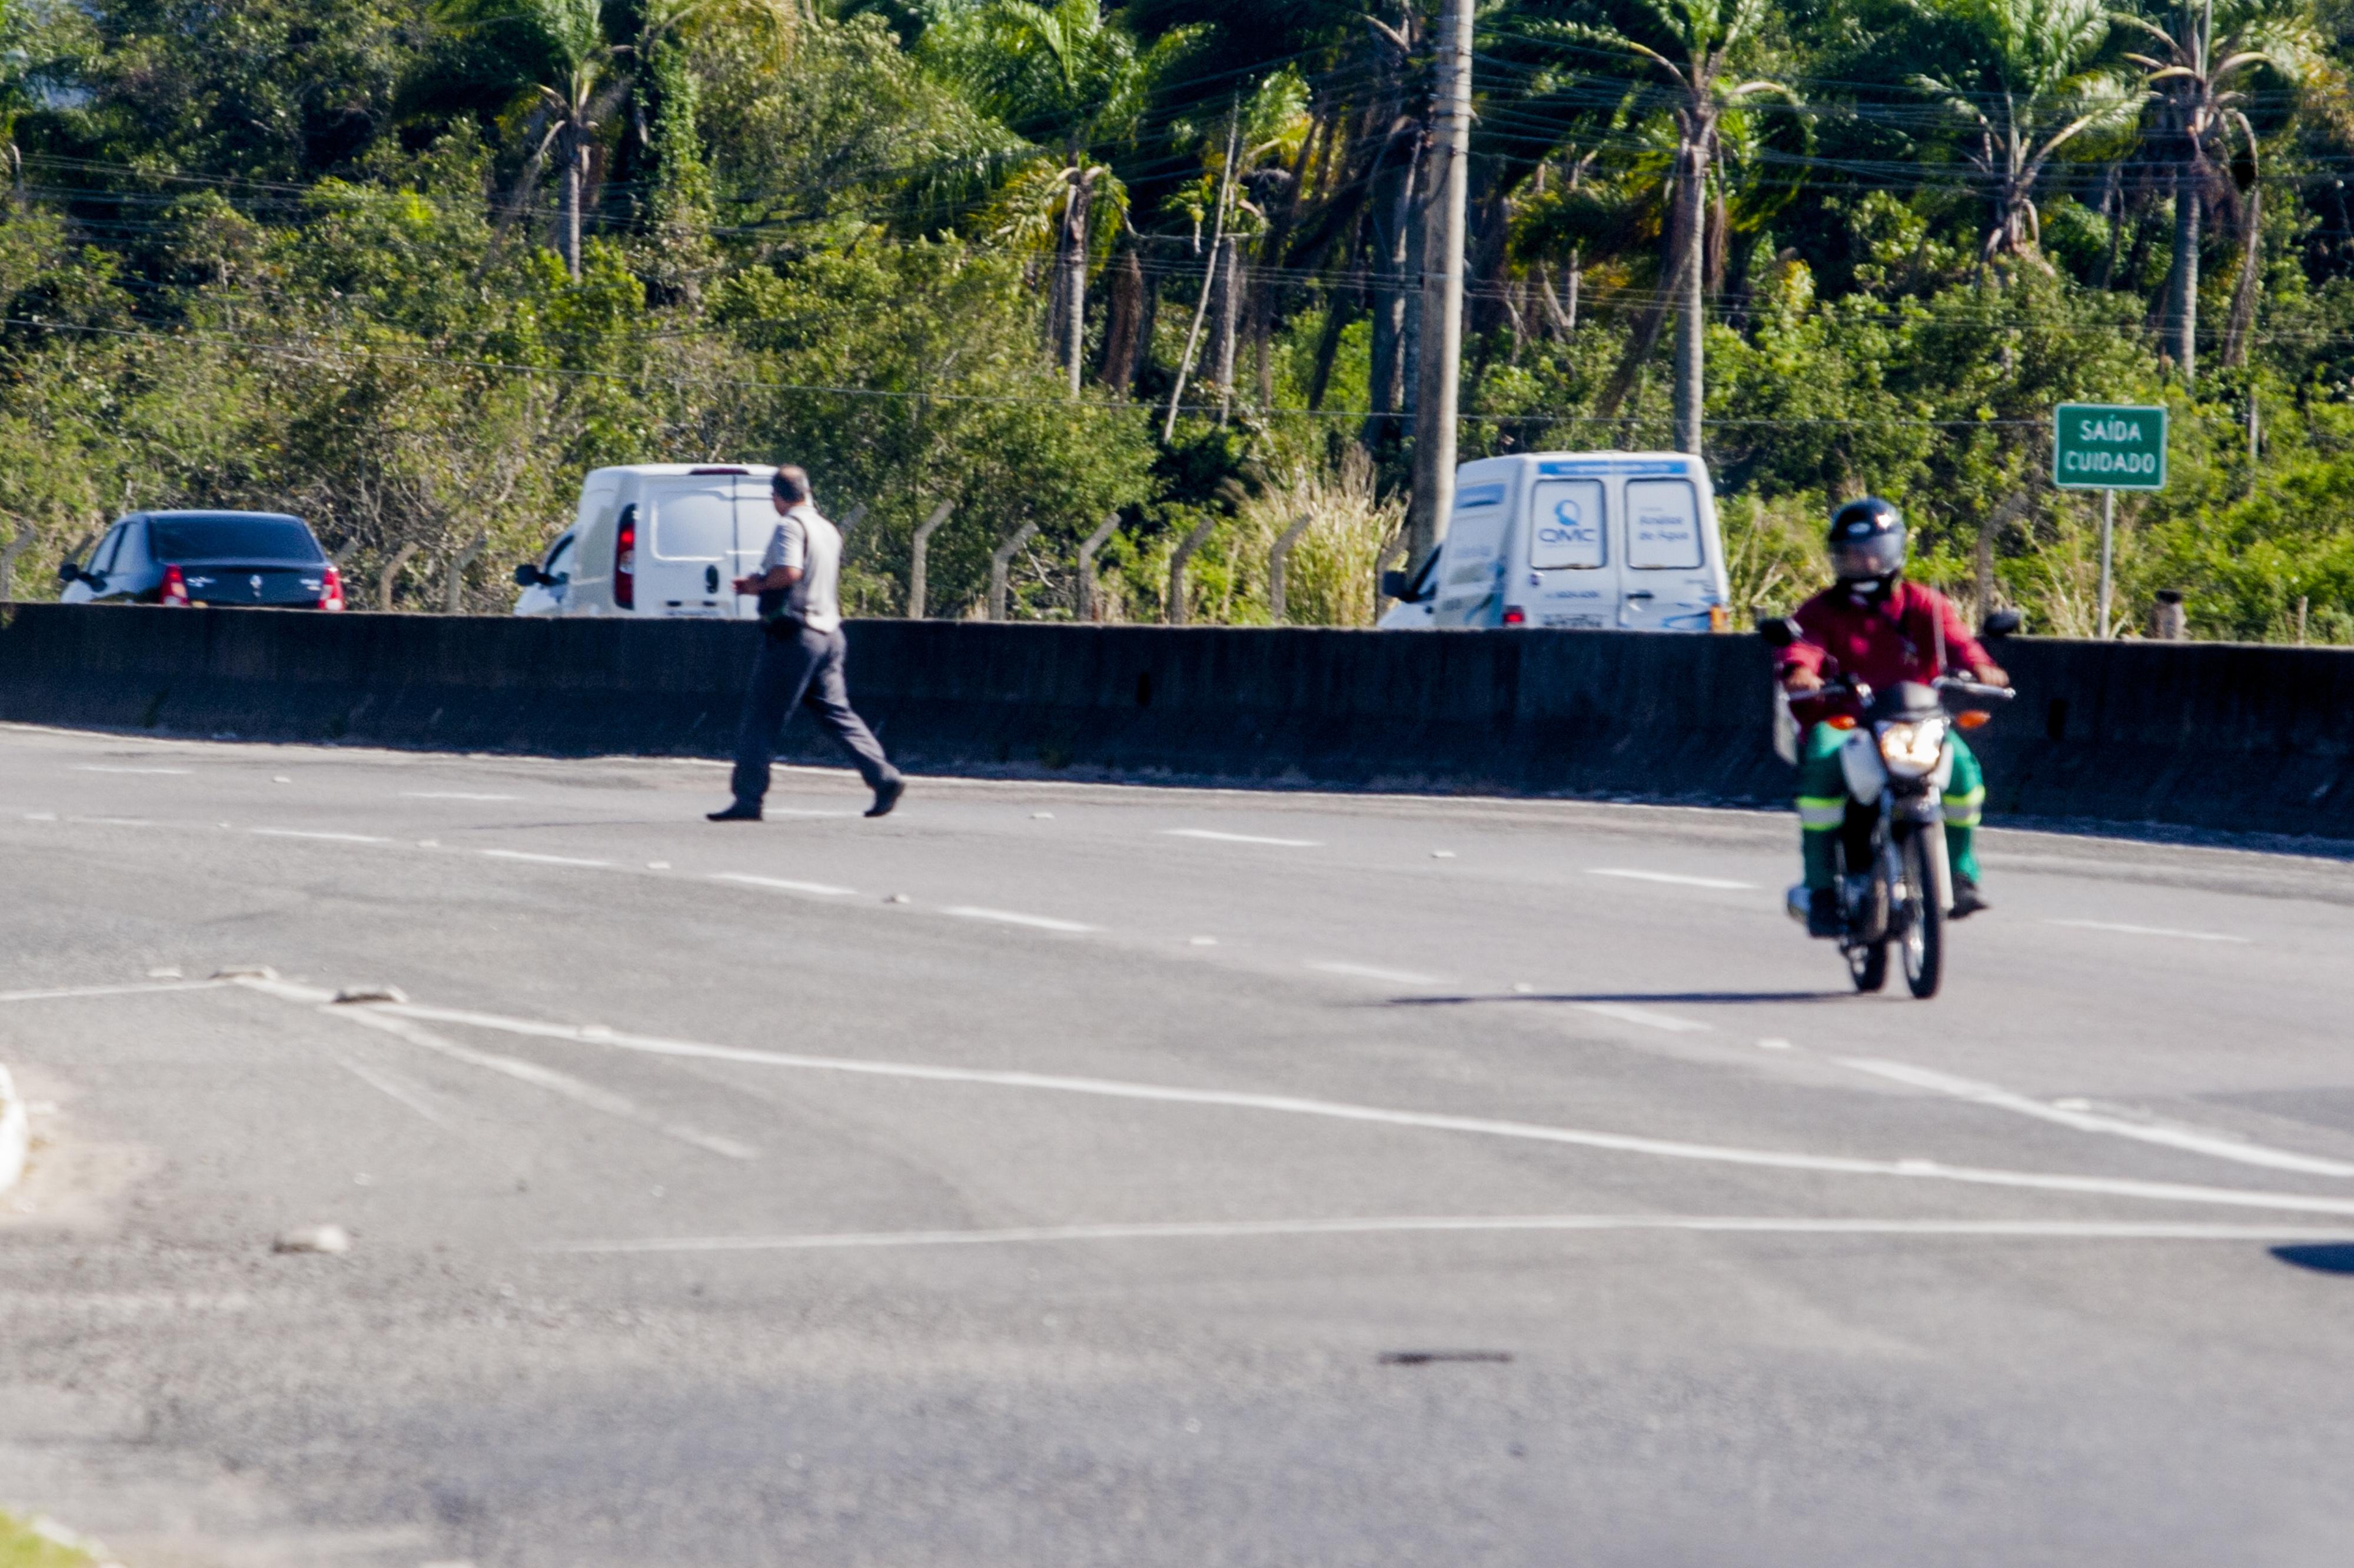 Pedestre pula a mureta que separa as pistas da SC-401 e atravessa a rodovia em meio aos veículos - Flávio Tin/ND